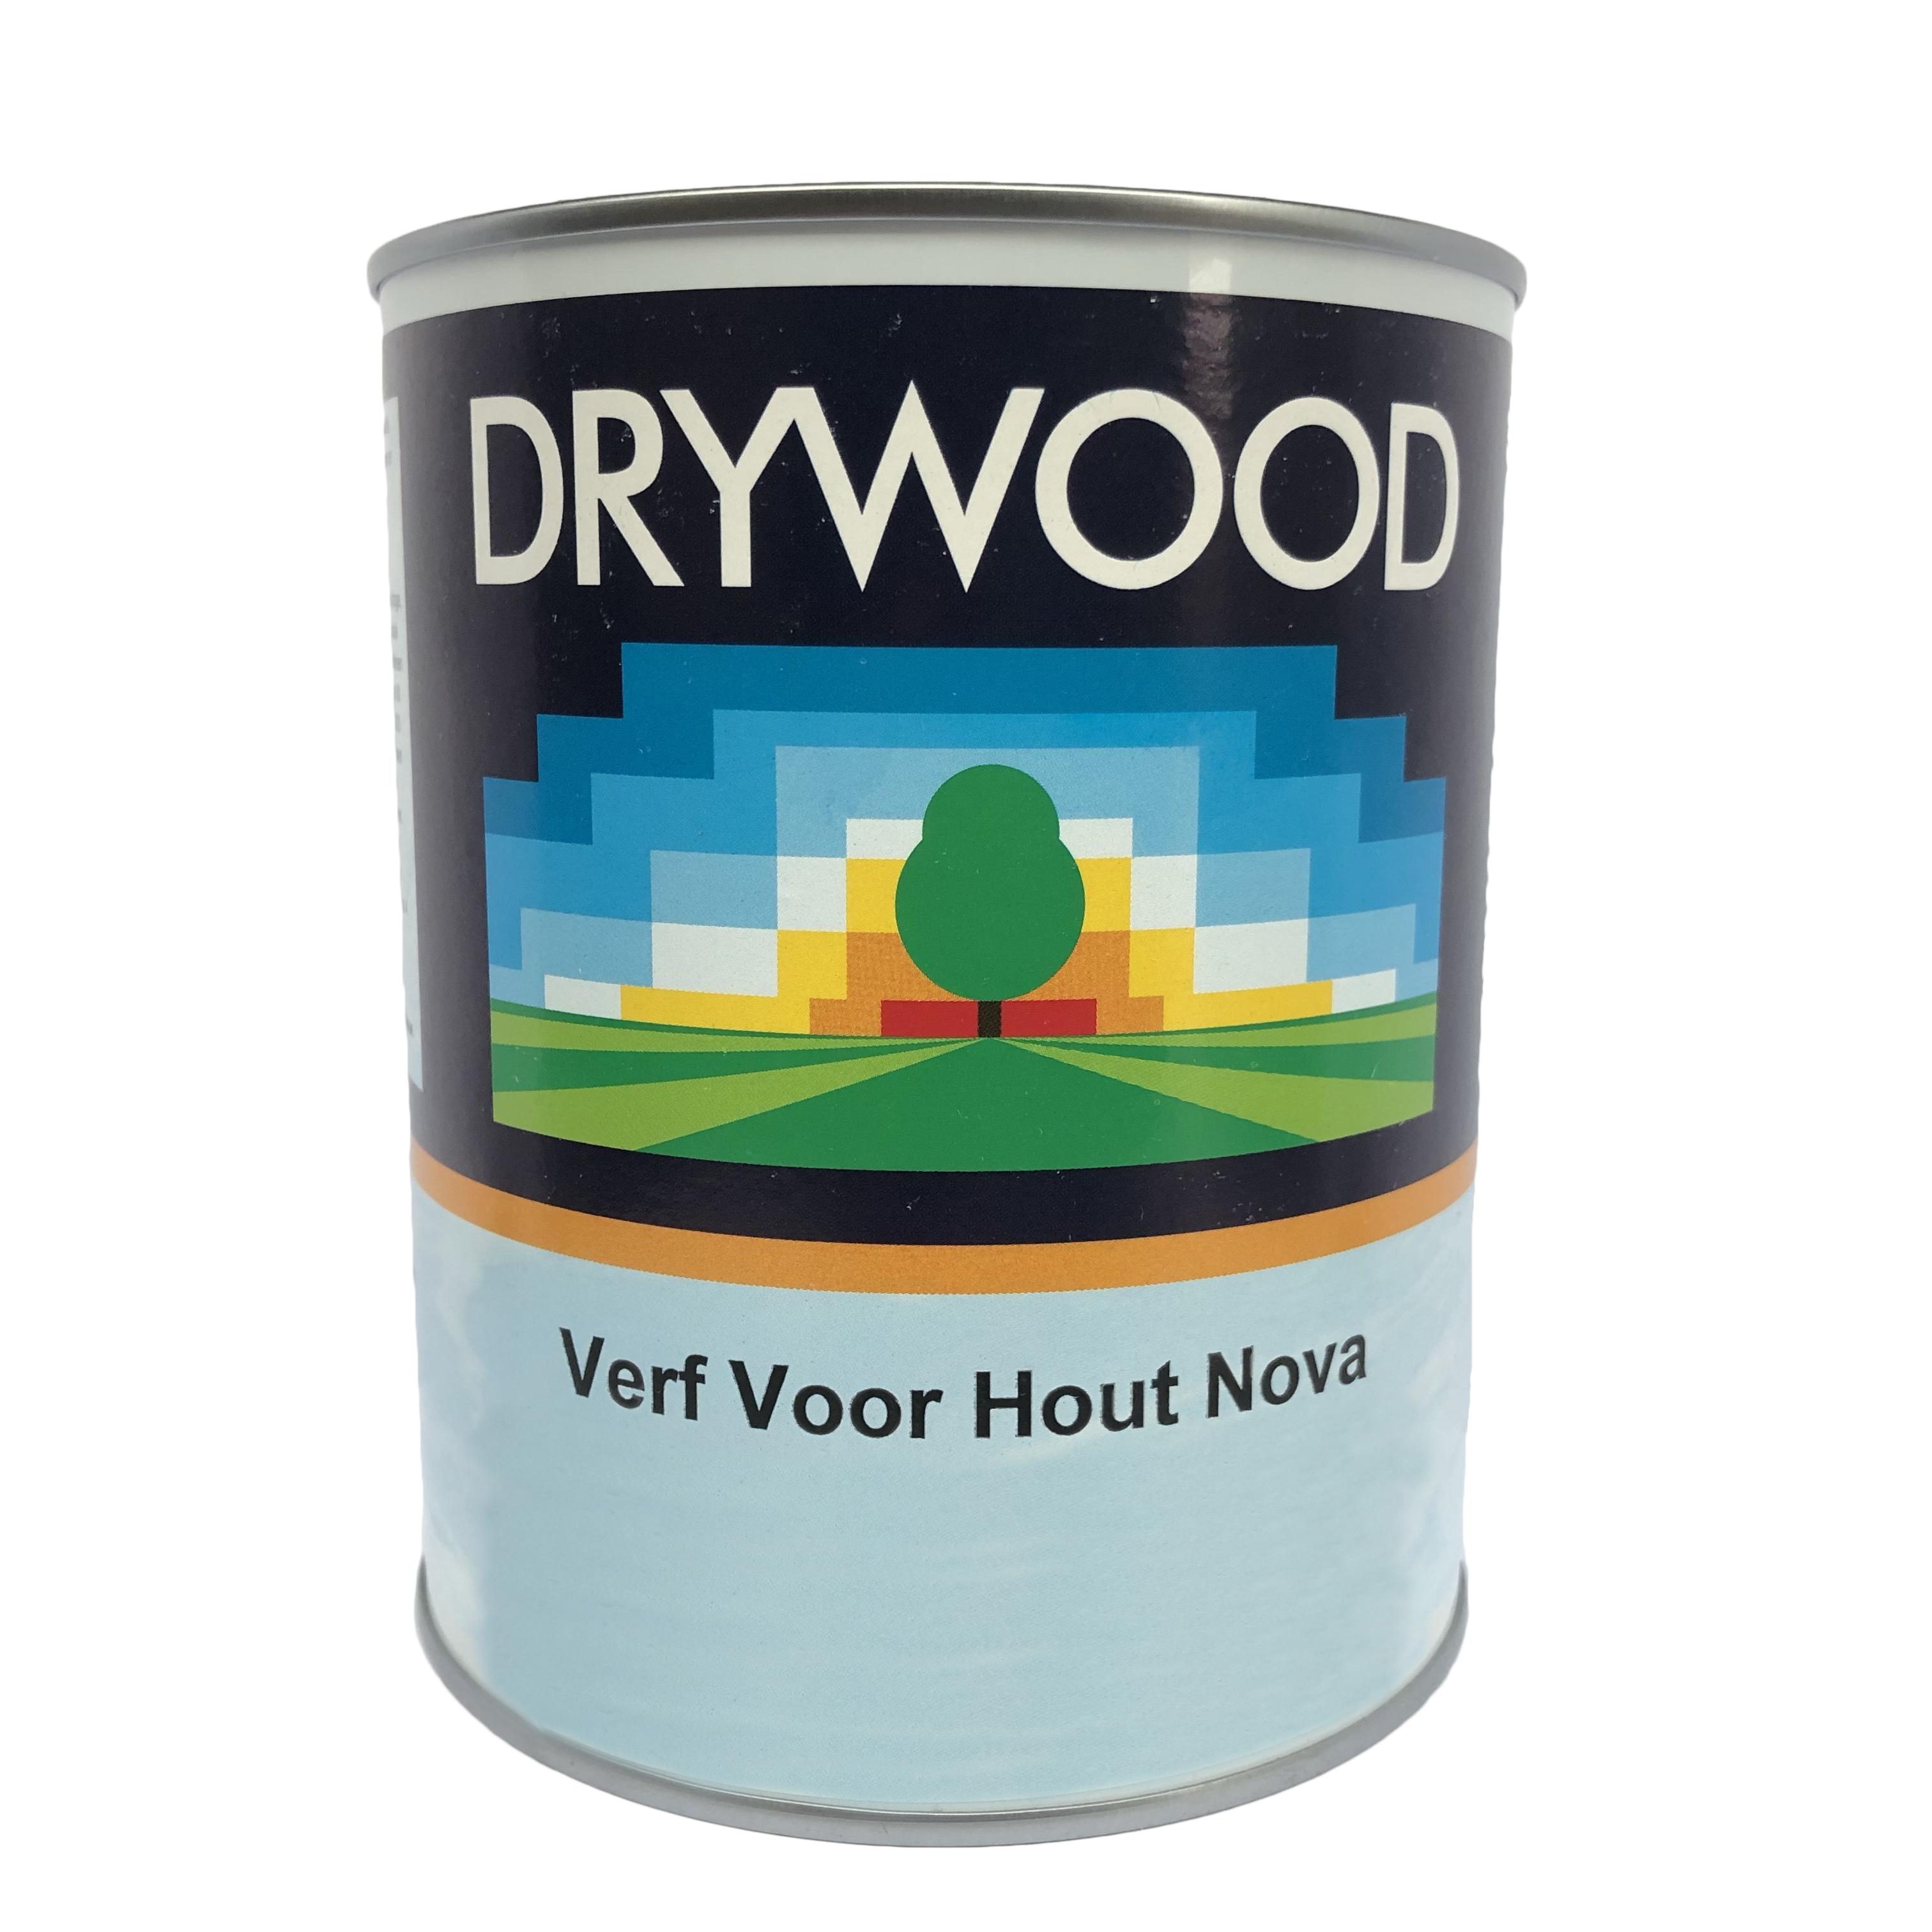 Afbeelding van Drywood Paint